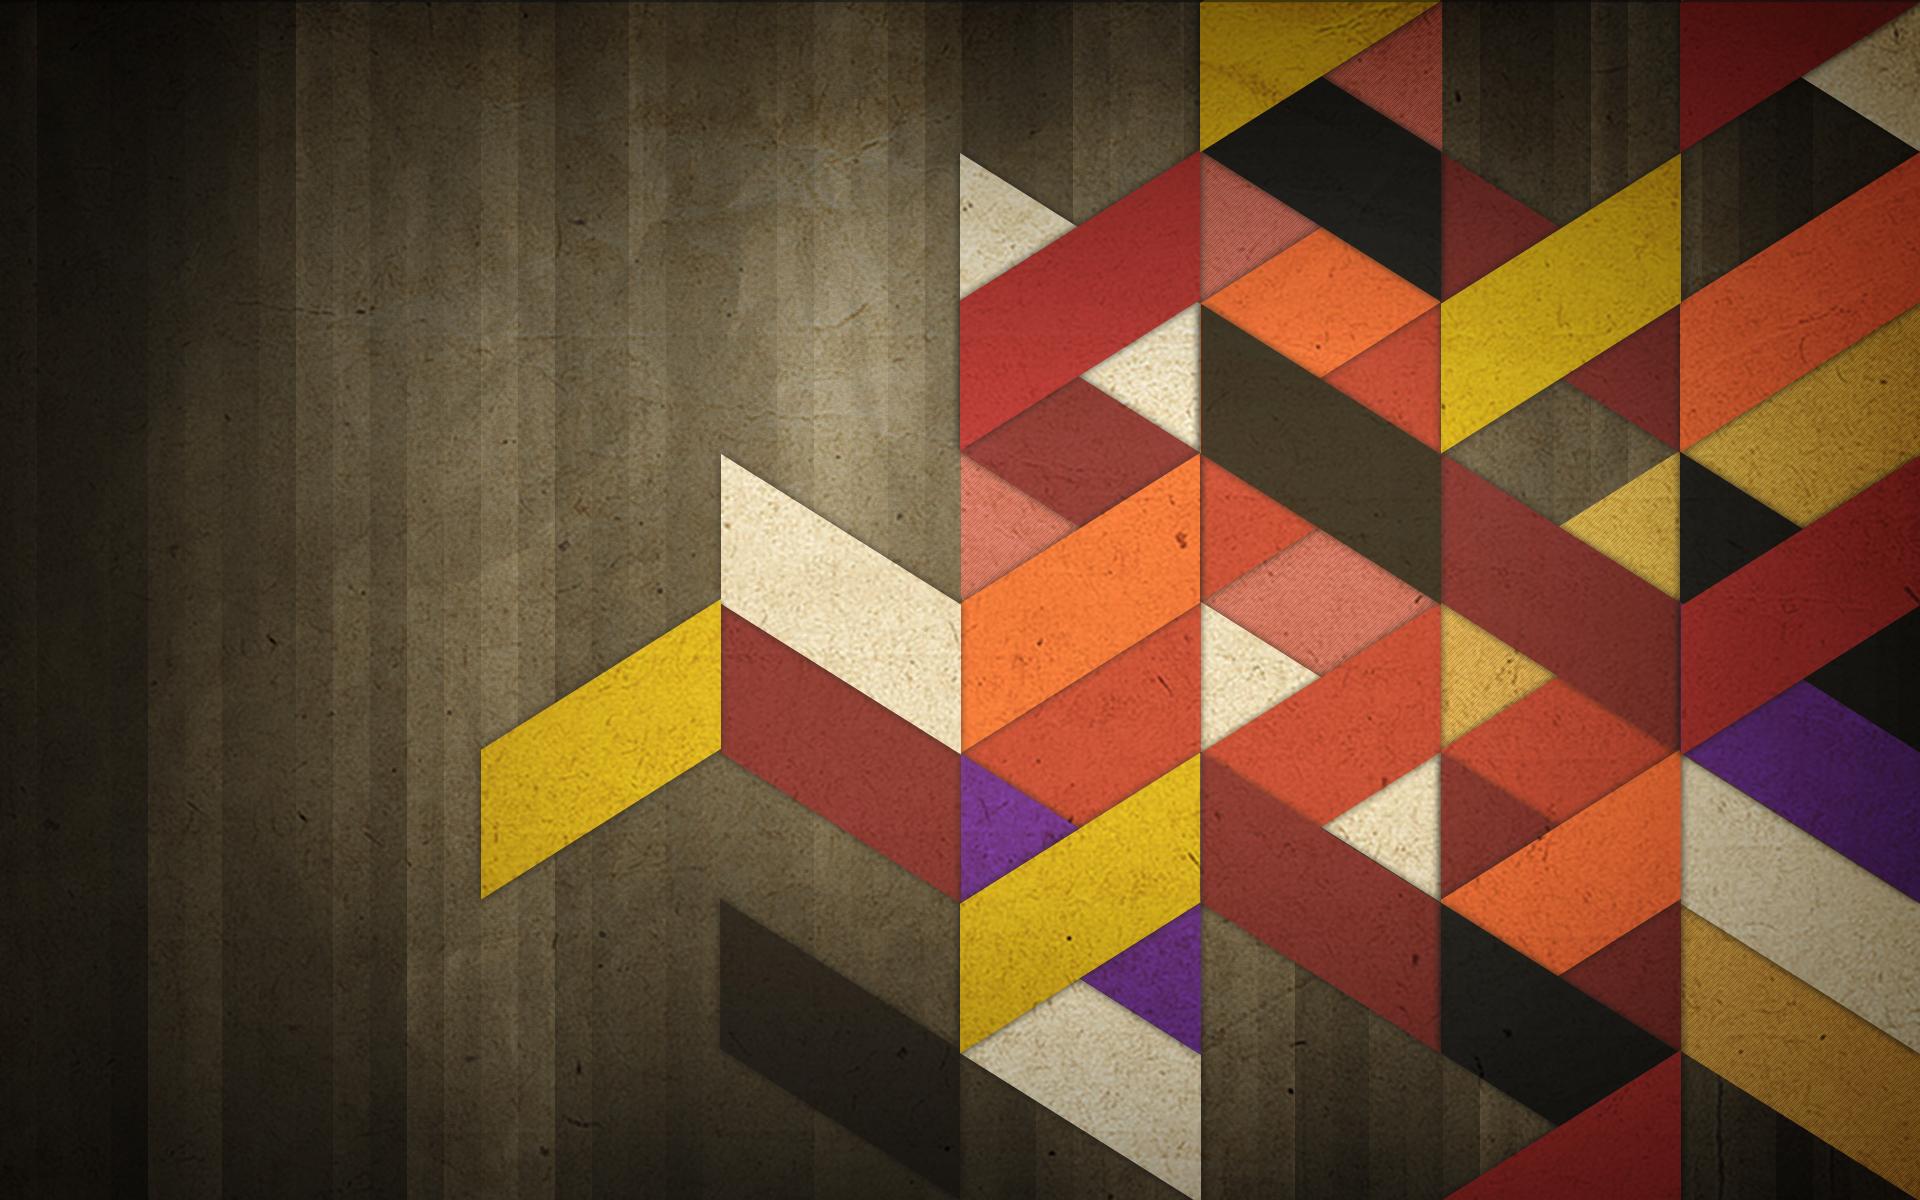 49+ Retro iPhone Wallpapers on WallpaperSafari